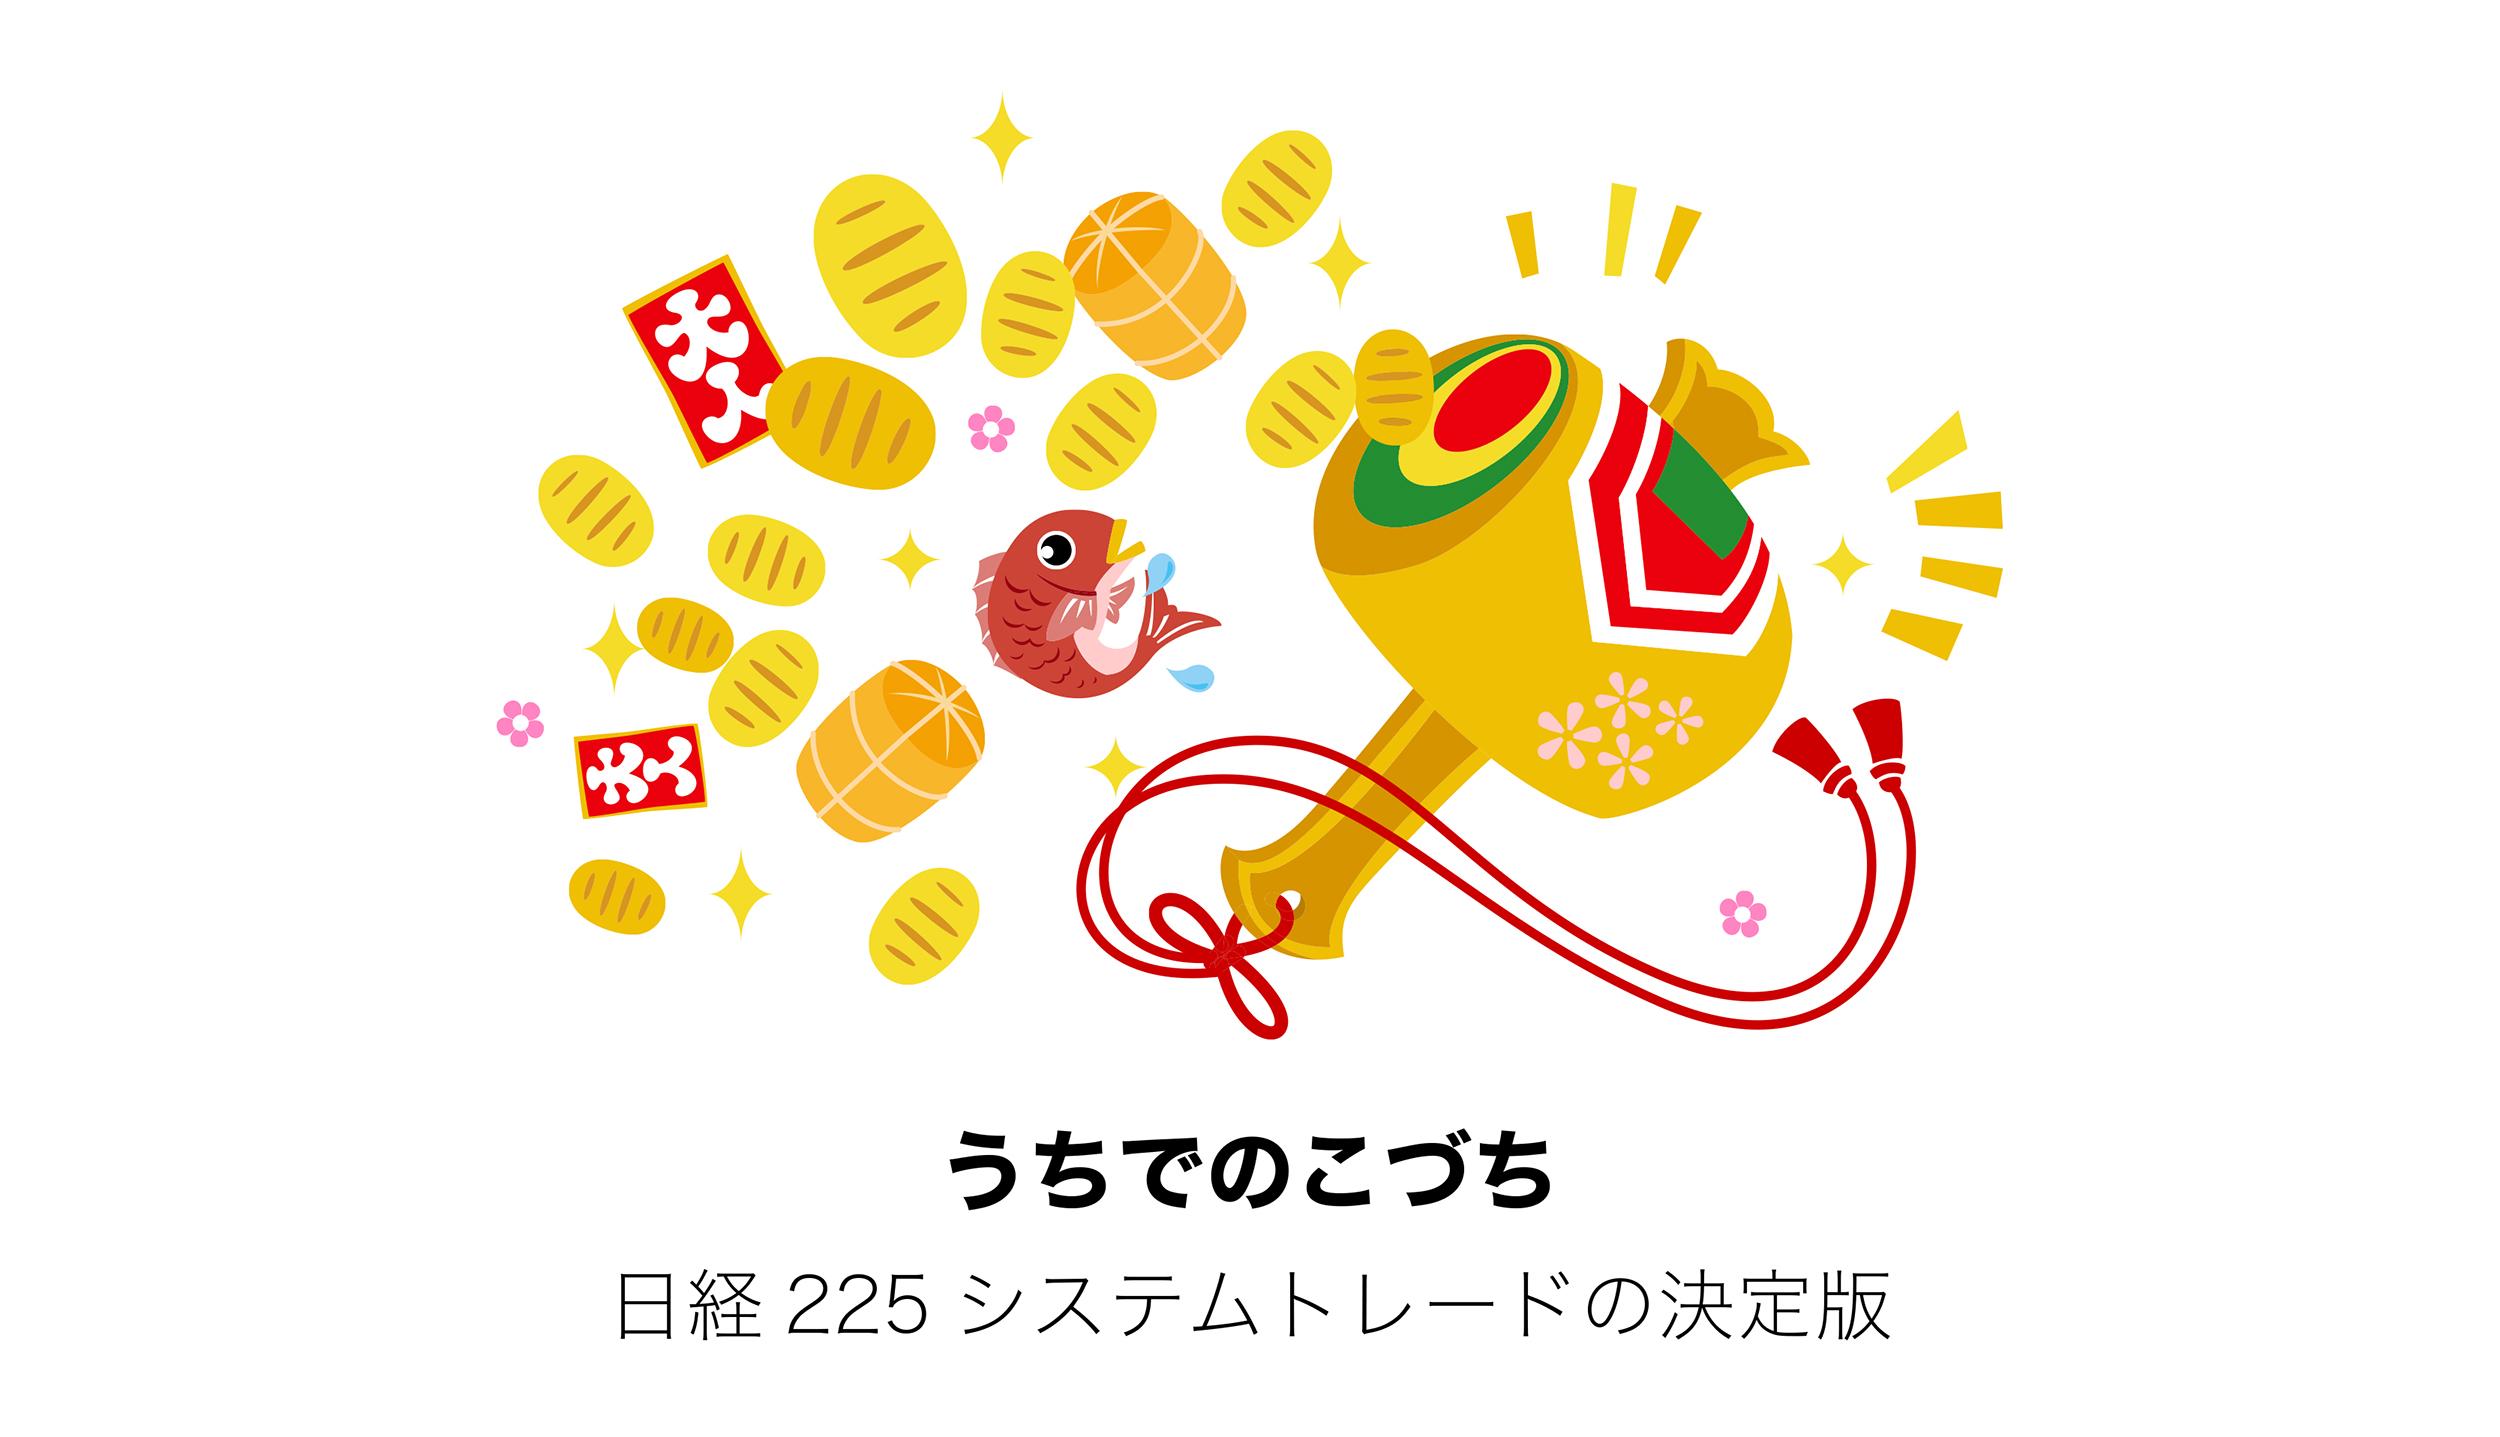 日経225 タカハシ